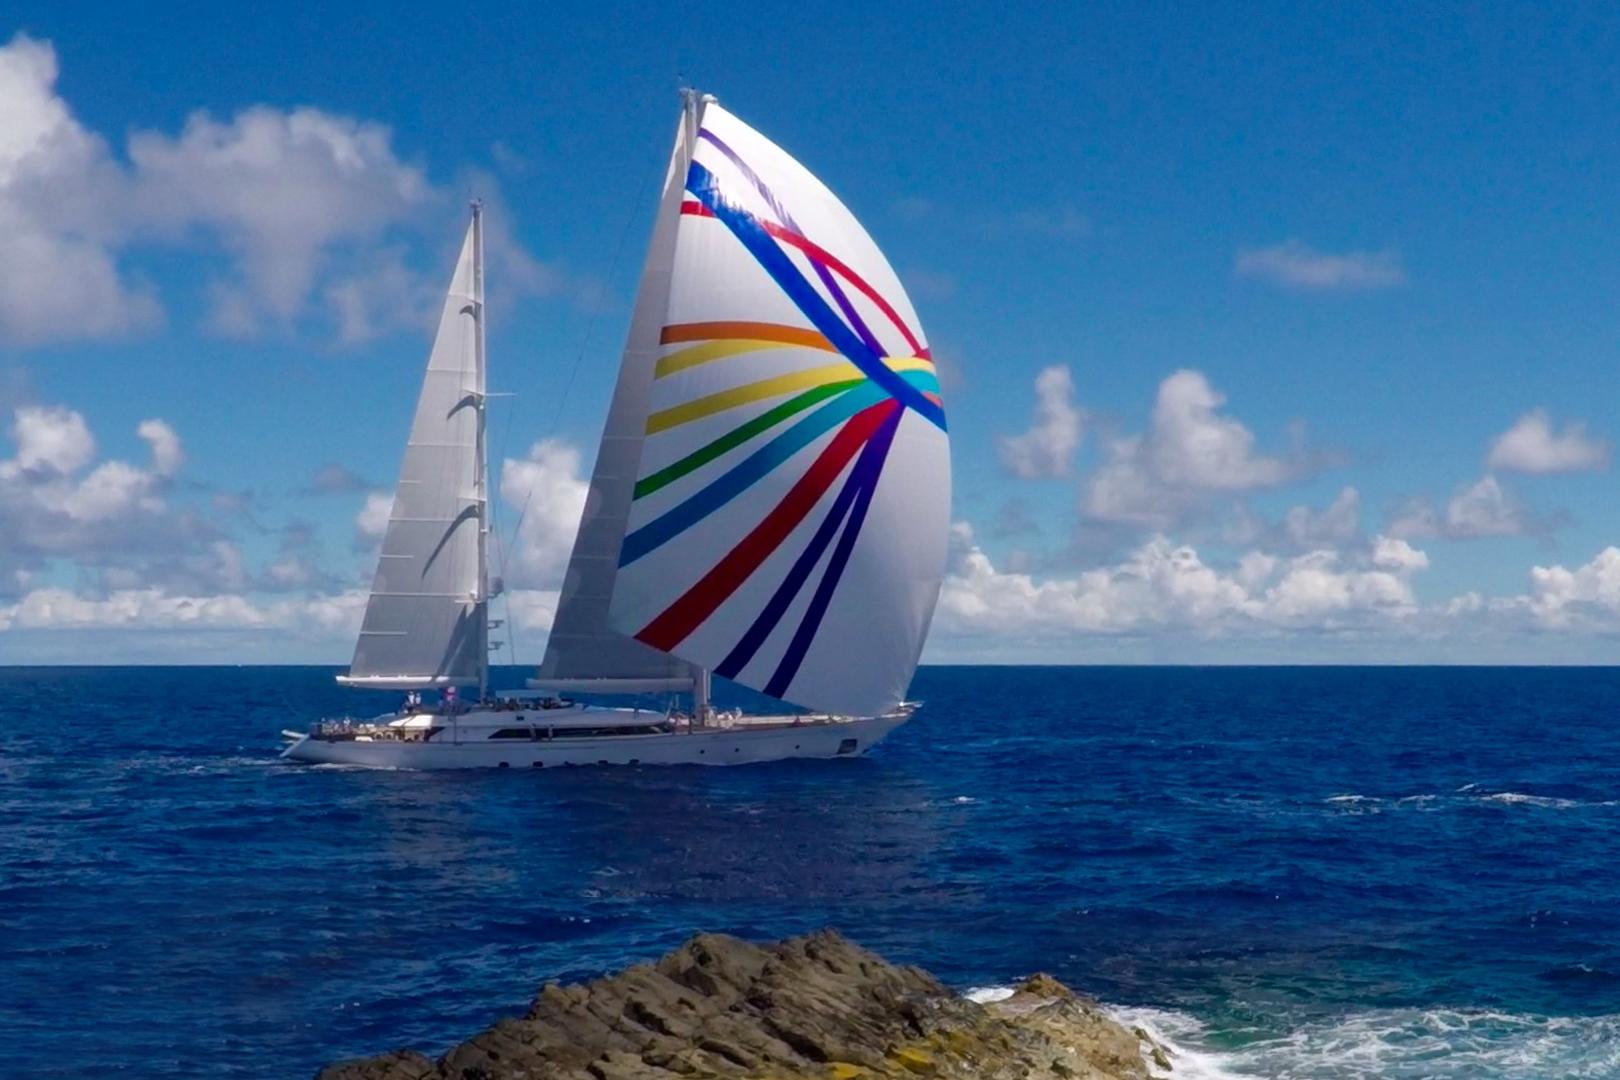 sailing-gallery-5.jpg